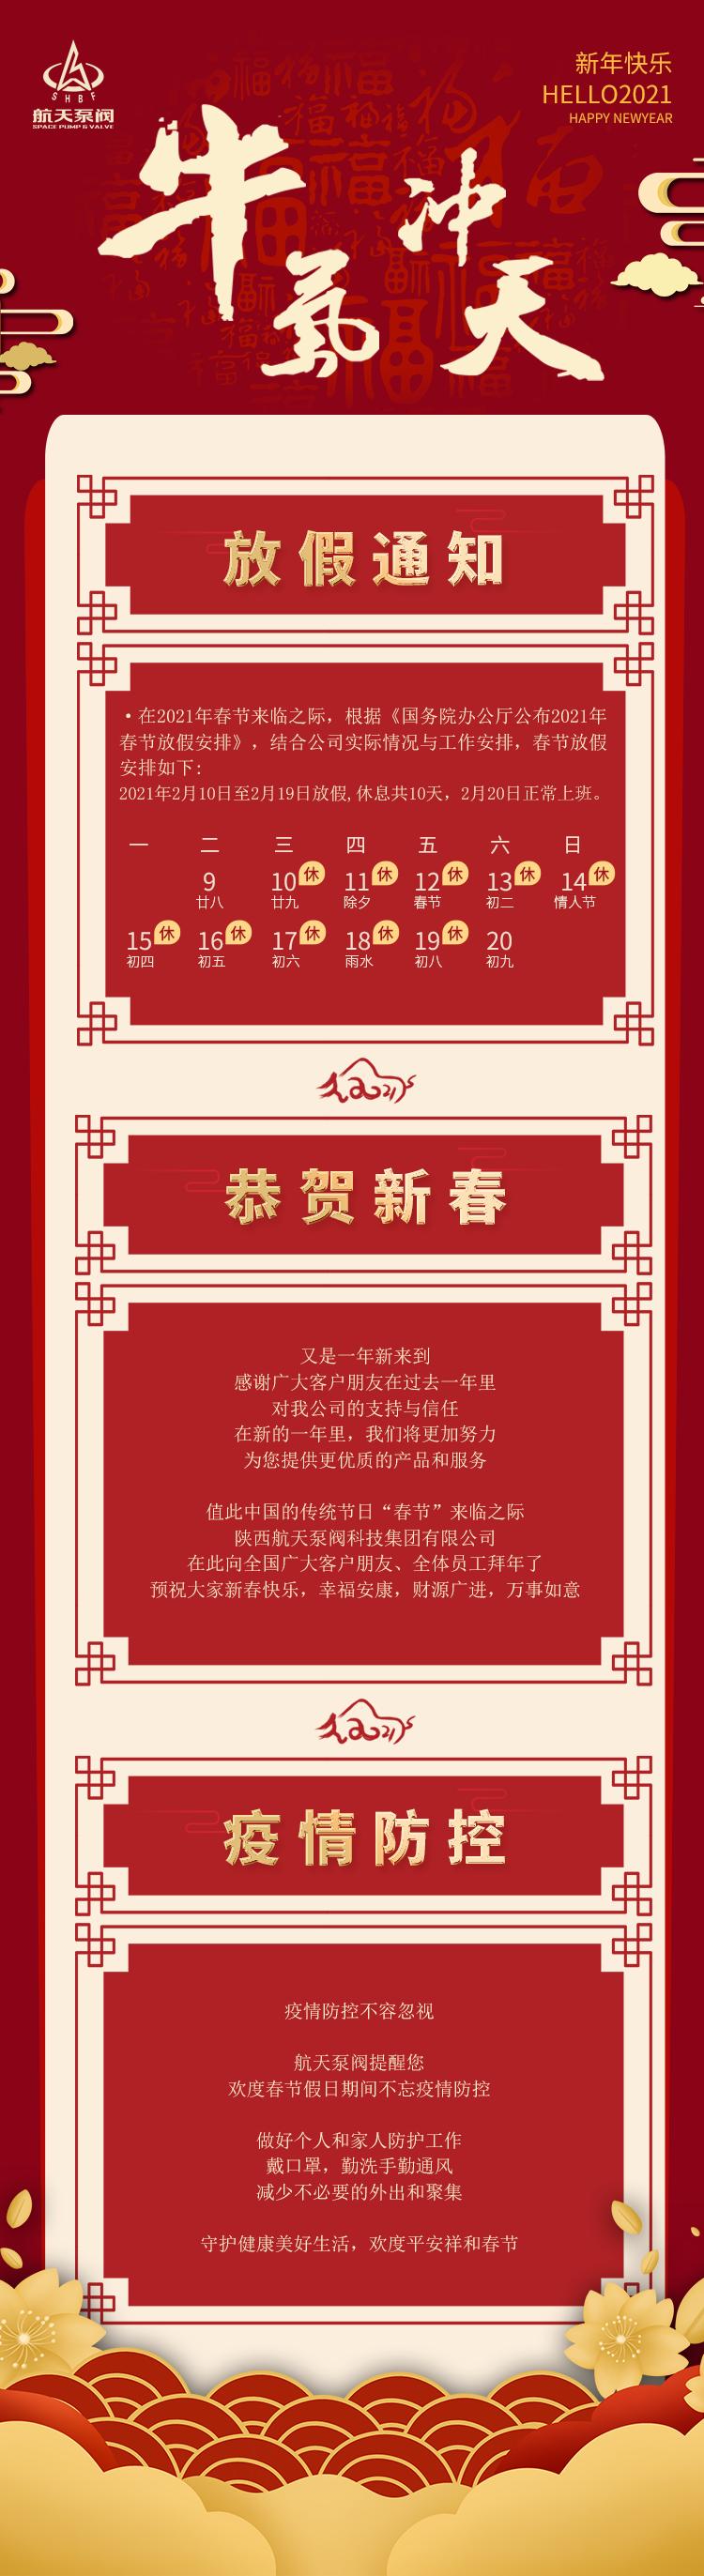 德赢-春节放假